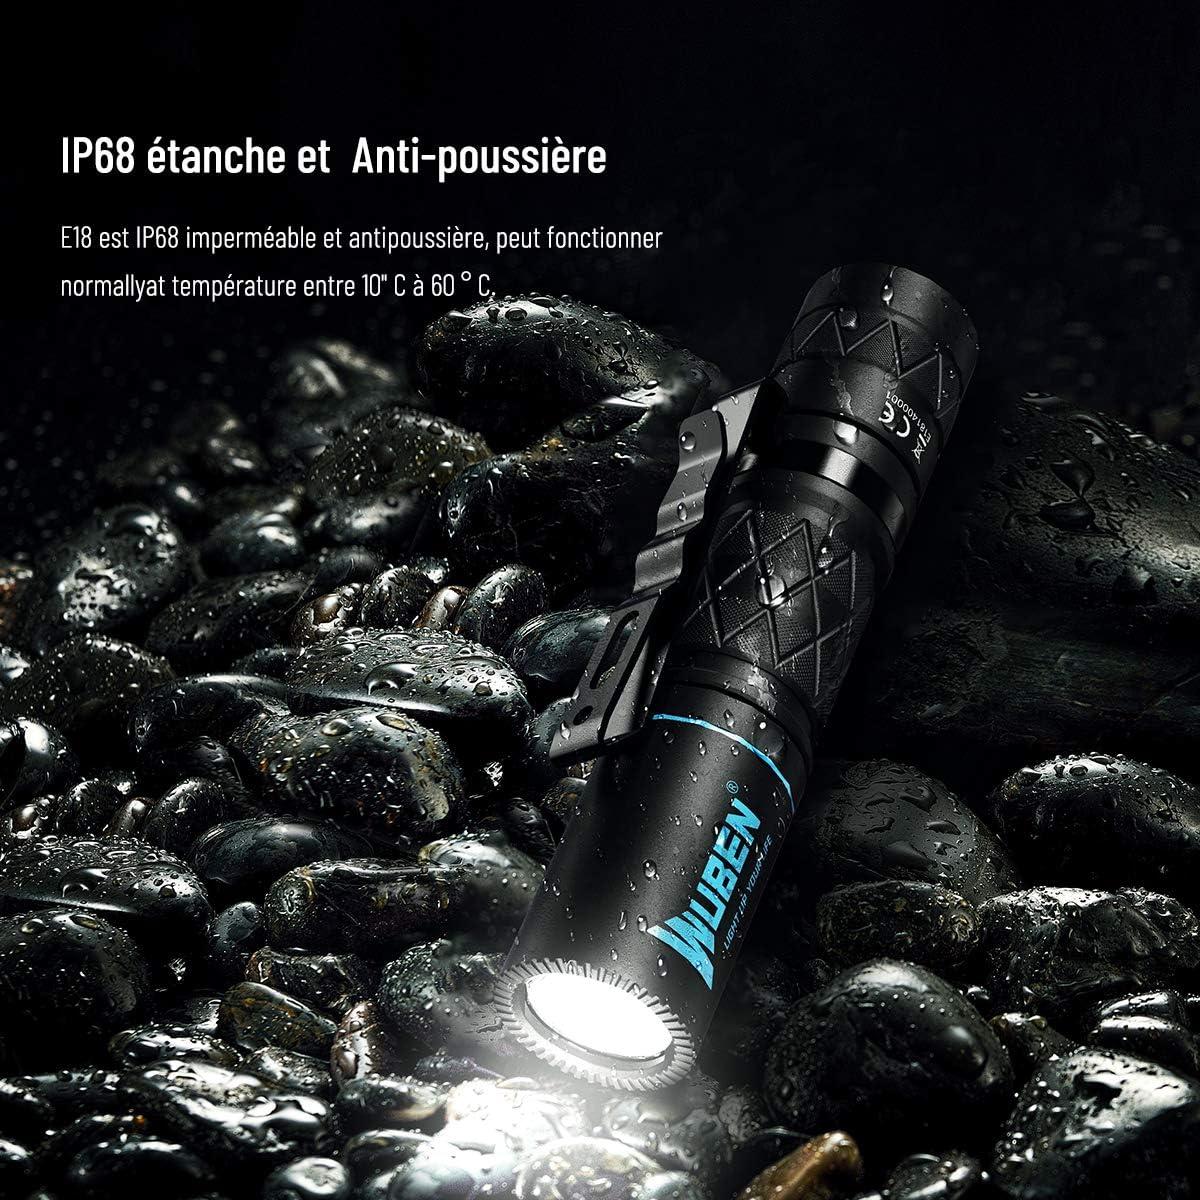 WUBEN E18 Lampe Torche LED CREE XP-G3 LED Torche Lampe de Poche Ultra Puissante 180 LM /étanche Lampe Torche avec 4 Modes pour Camping Randonn/ée Situations durgence AA batteries incluse